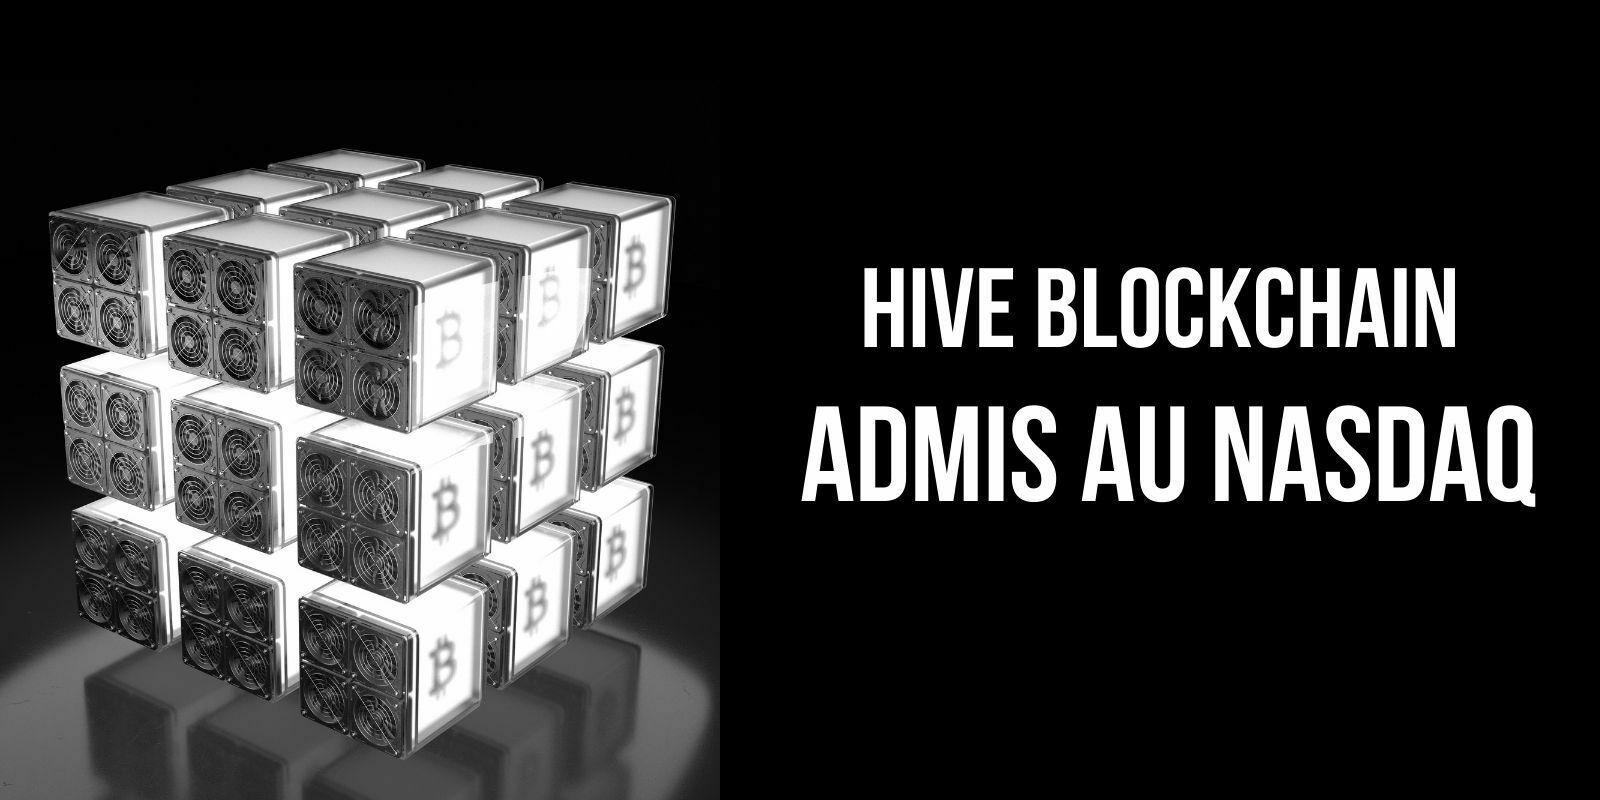 La société de mining Hive Blockchain admise à une cotation au Nasdaq